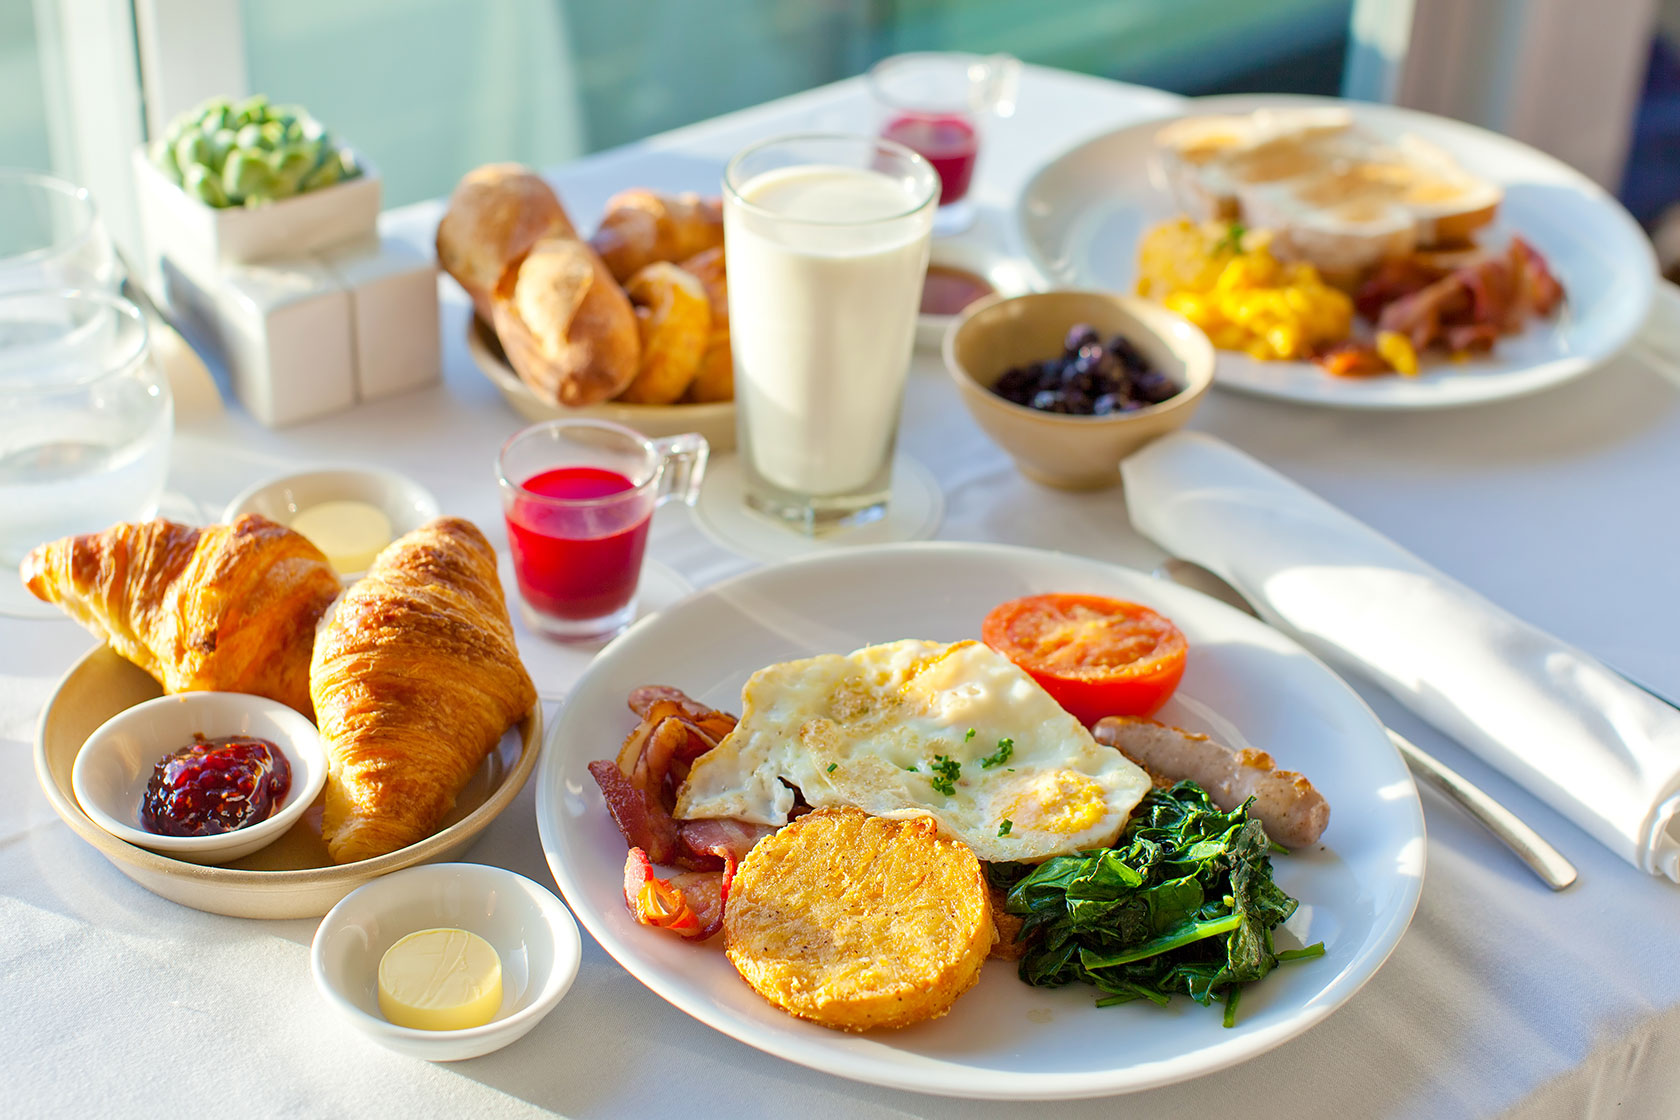 حذف صبحانه و17بلایی که سرتان می آید